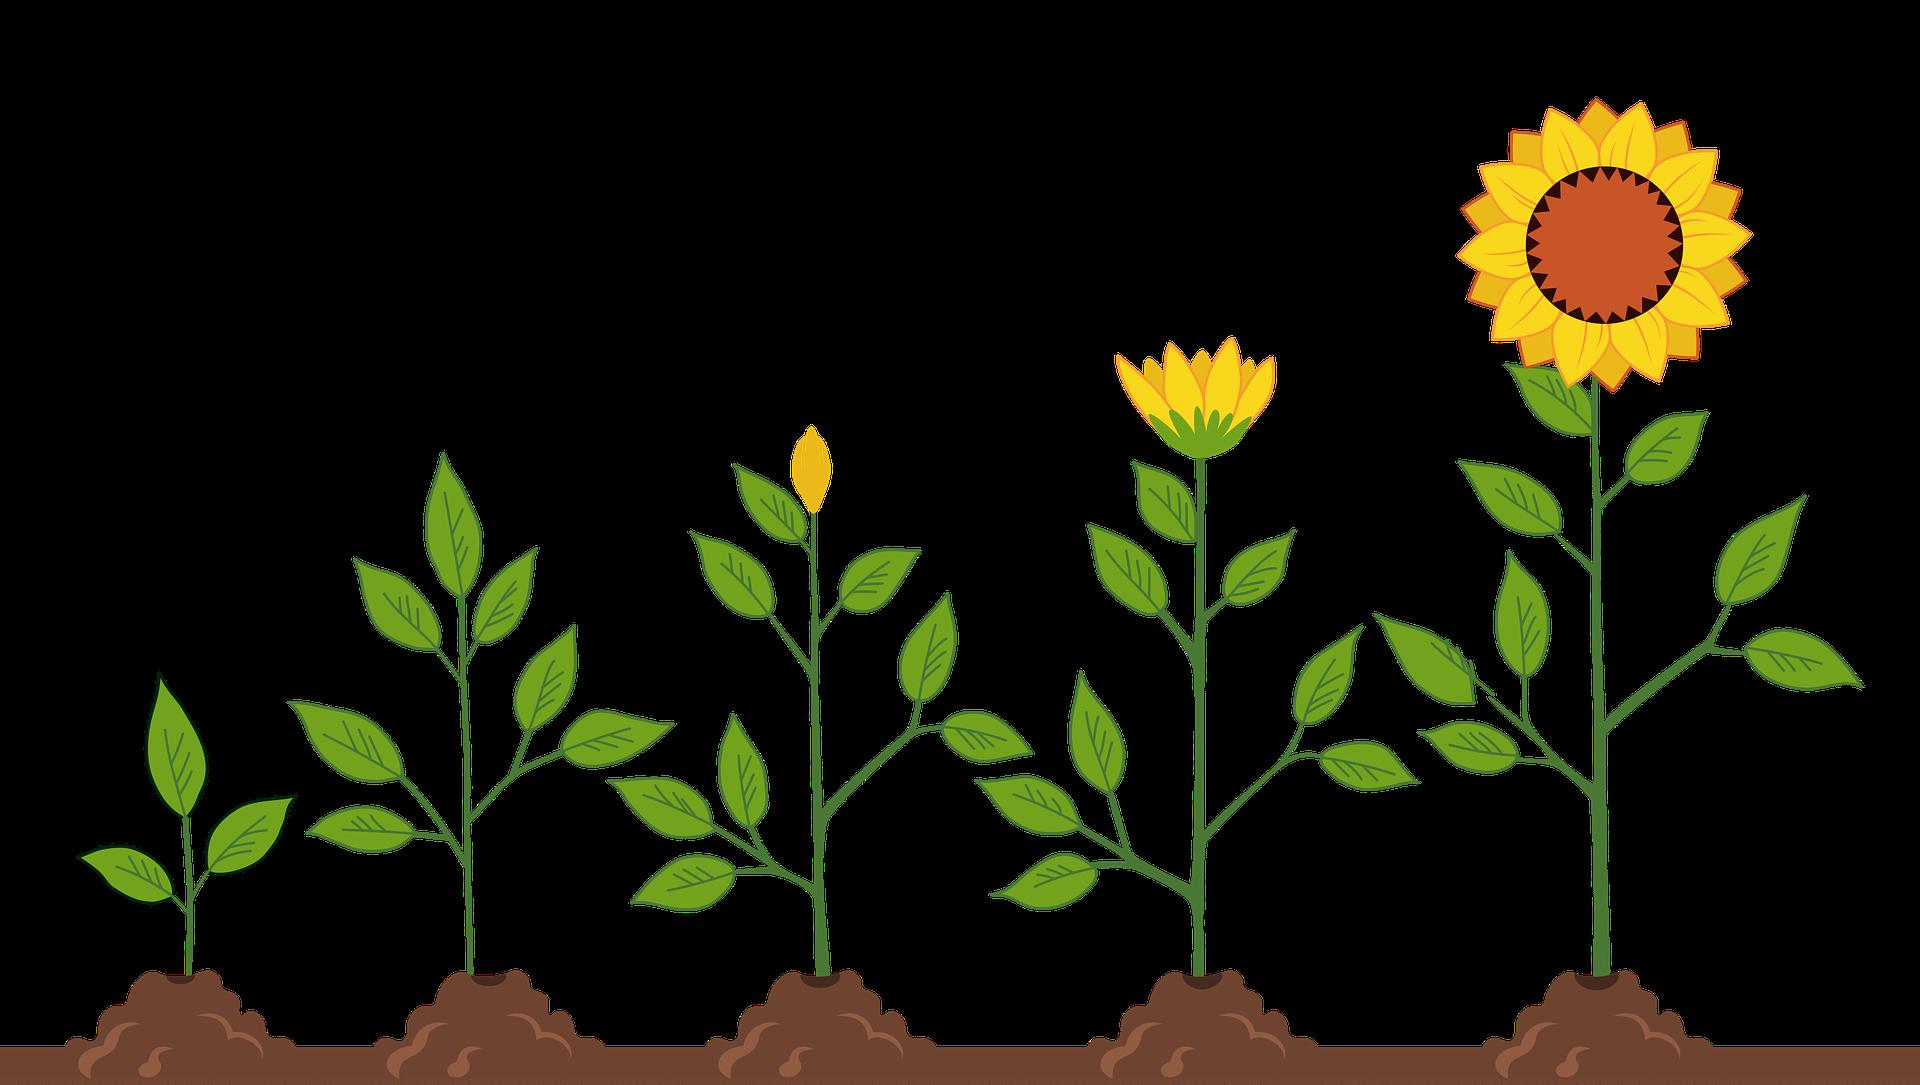 sunflowers-5665223_1920